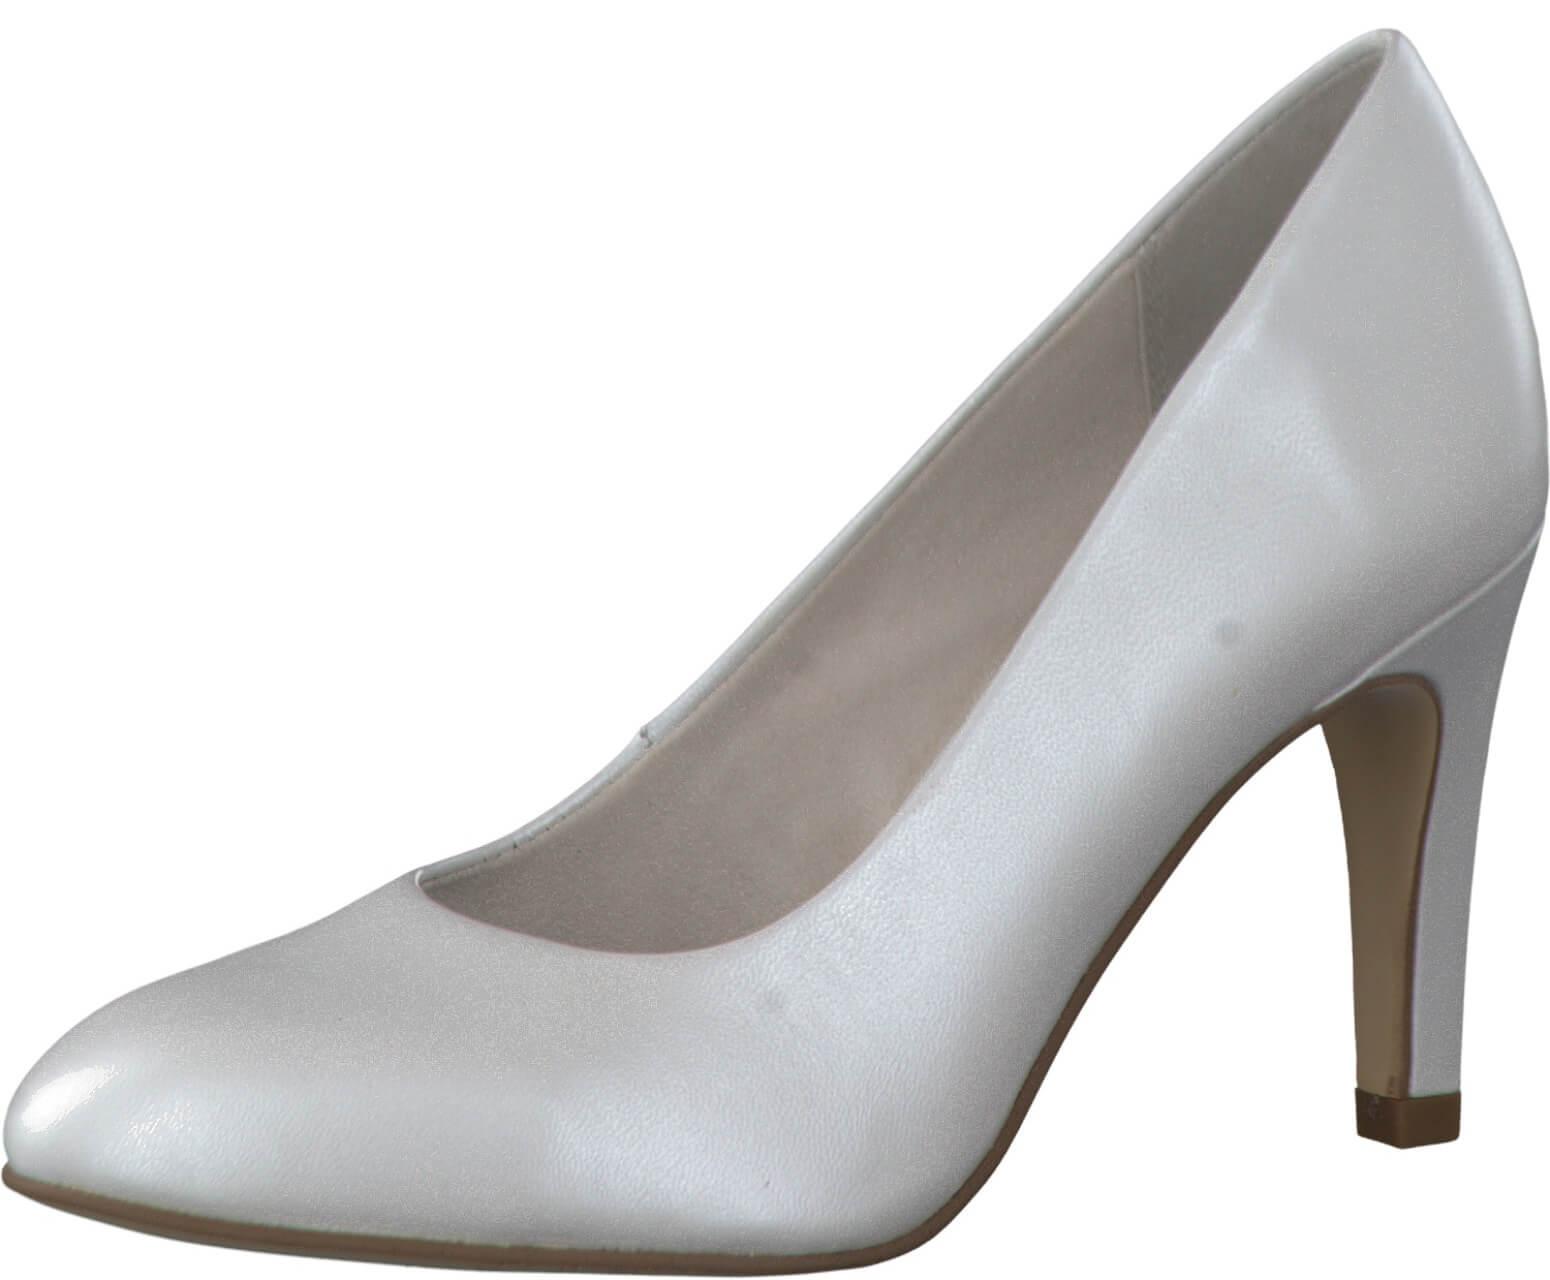 Tamaris Elegantní dámské lodičky 1-1-22451-38 White Doprava ZDARMA ... 0f26747752